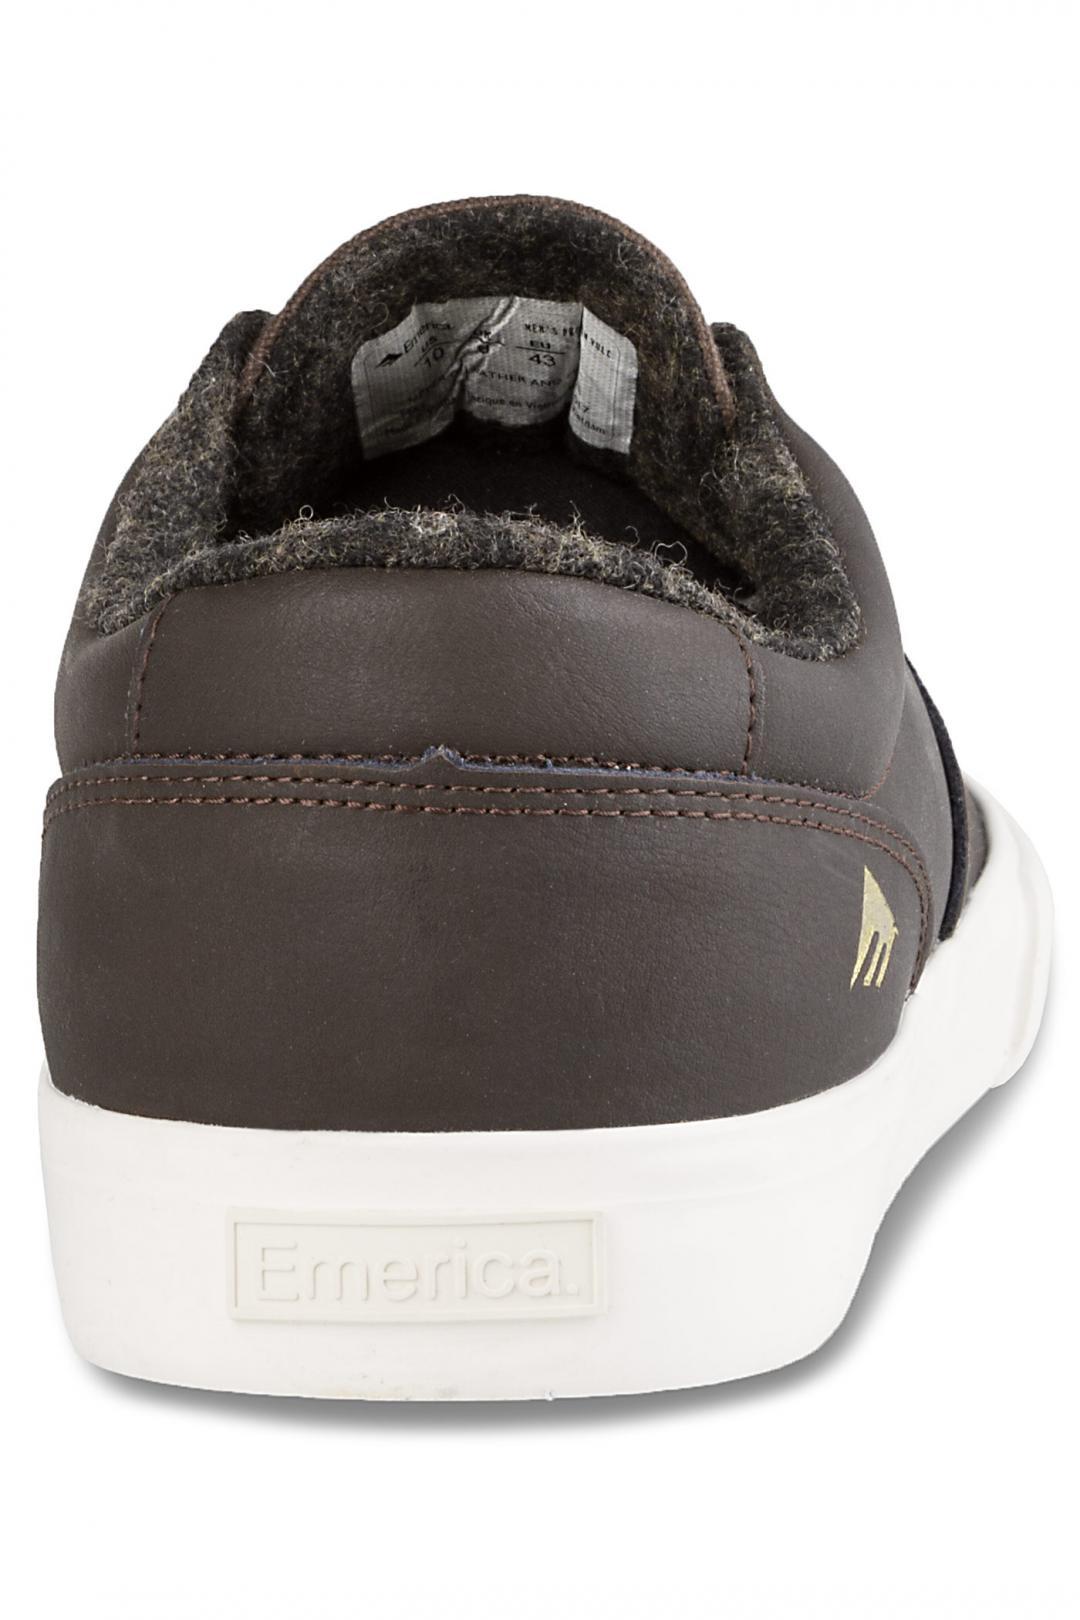 Uomo Emerica The Provost Slim Vulc brown | Sneaker